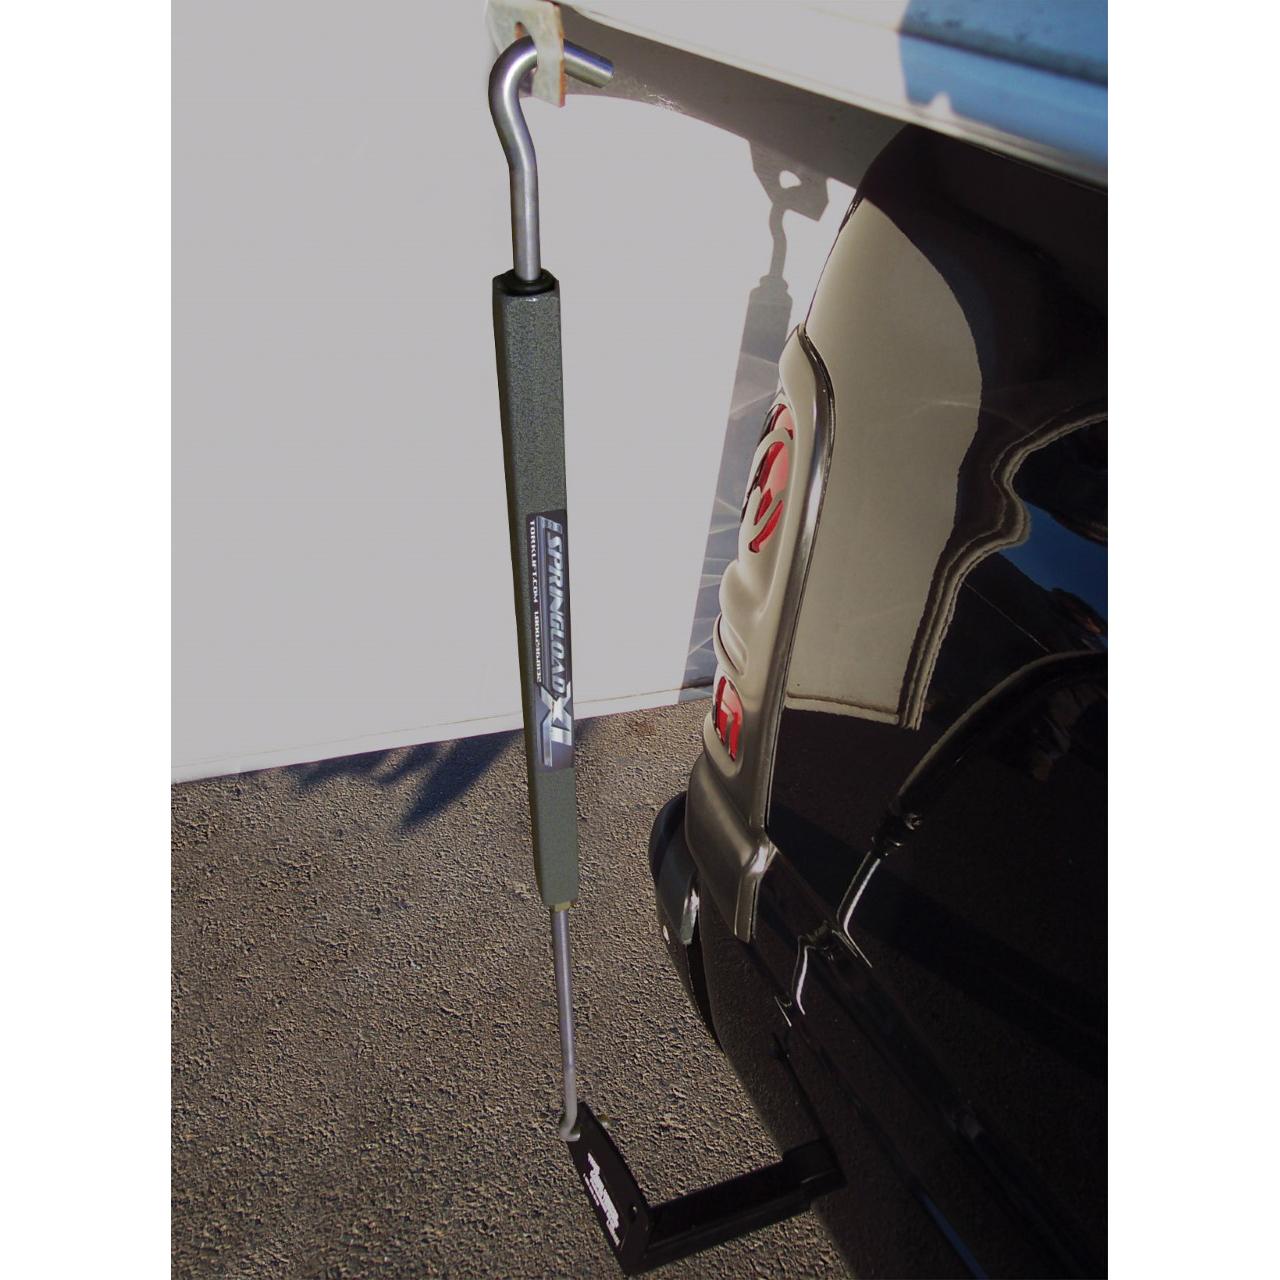 TorkLift SpringLoad XL Turnbuckles For Frame-Mounted Camper Tie-Downs, Set of 2